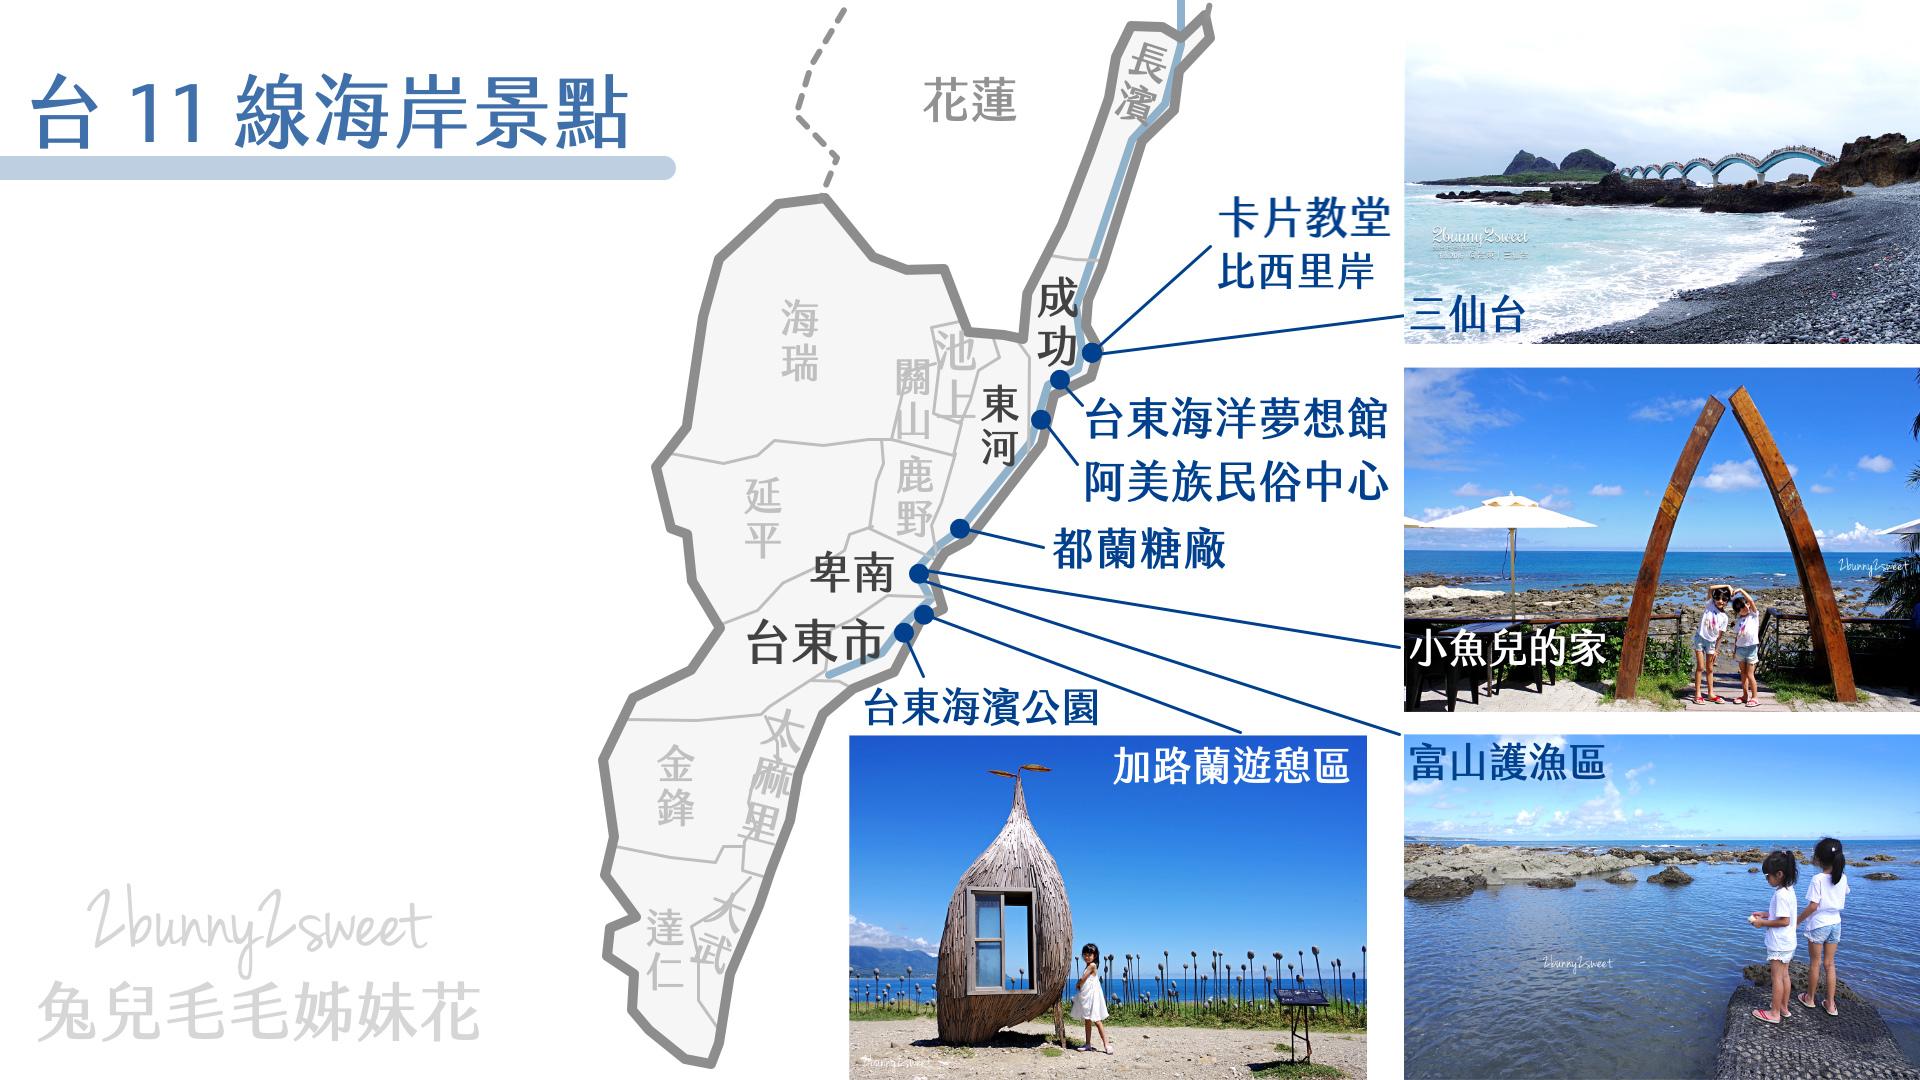 台東旅遊地圖-台11線海岸景點-3